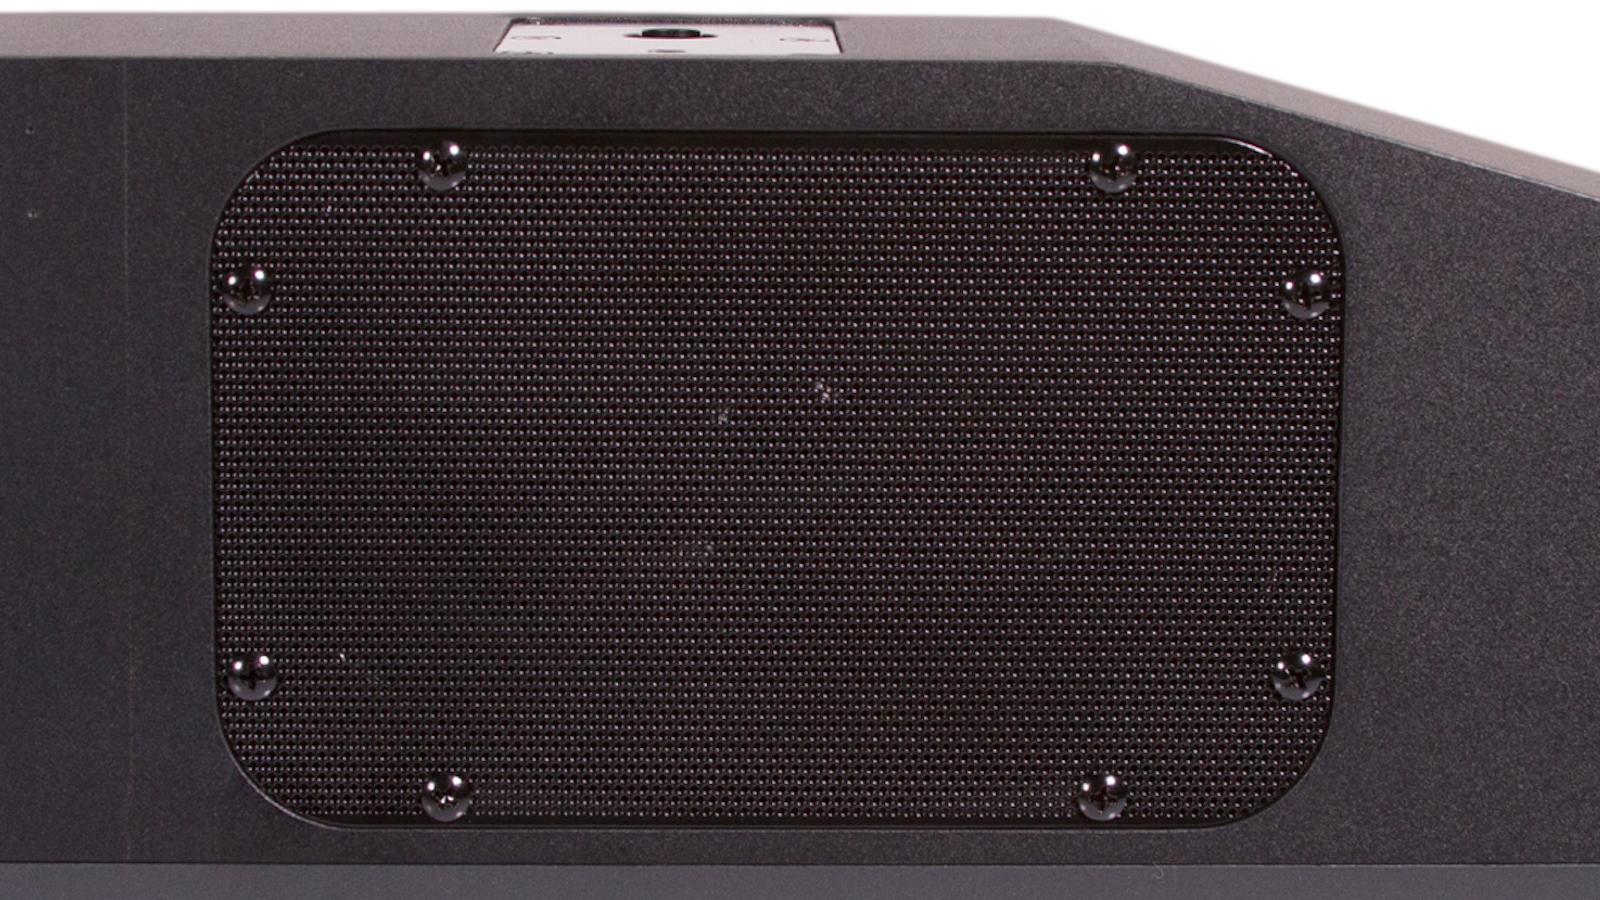 Q Acoustics M4 Sound Bar review